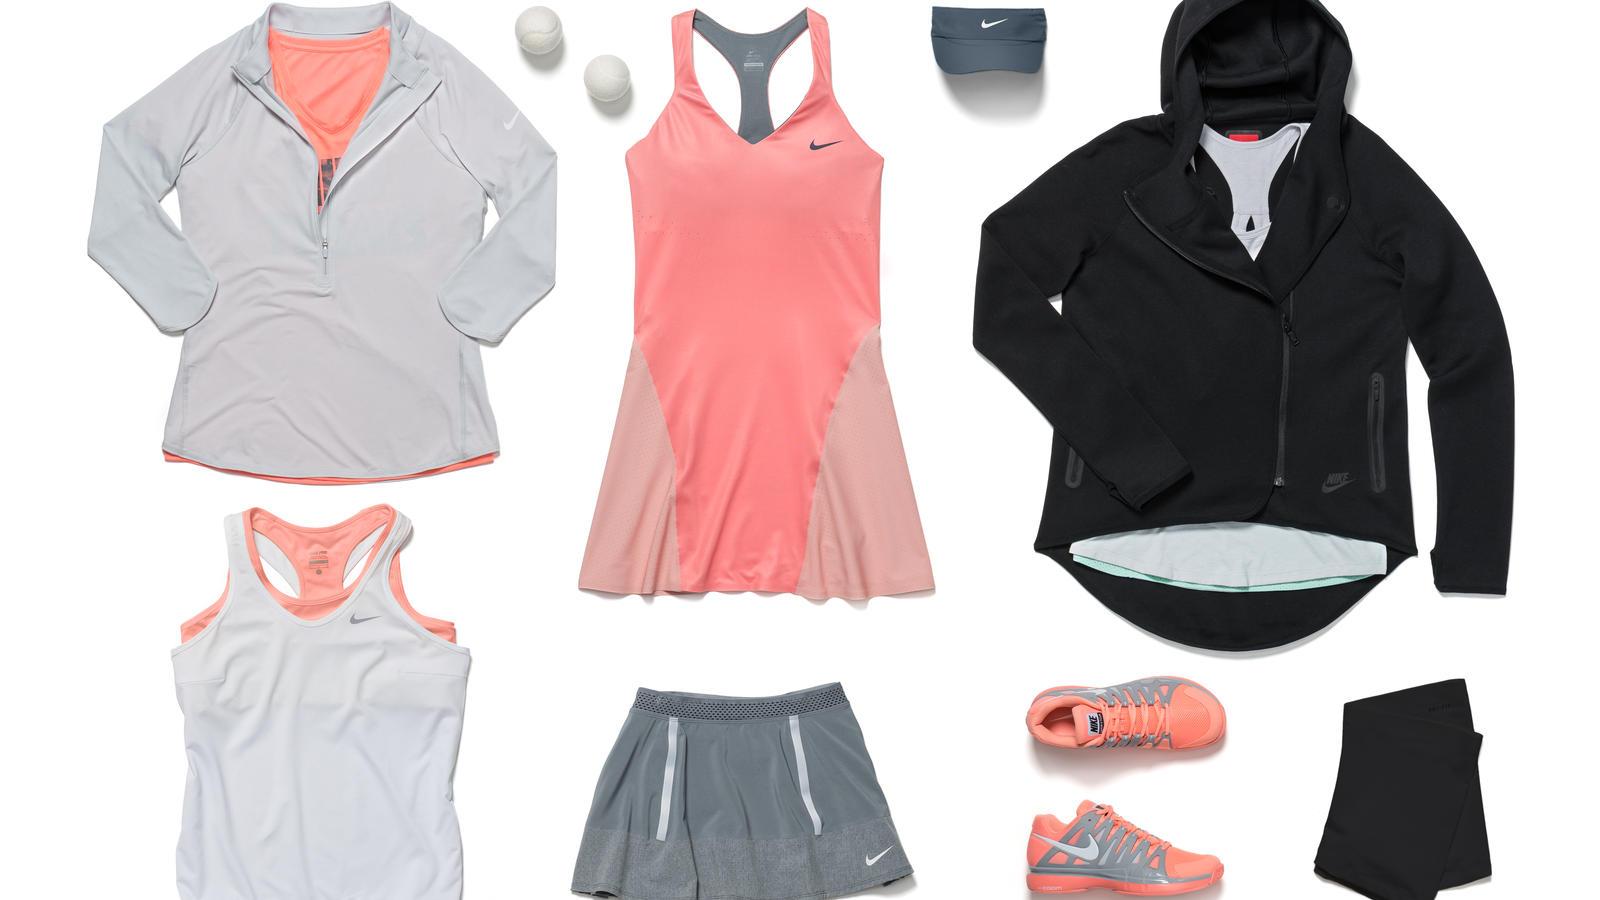 Nike Tennis Maria - NYC 2013